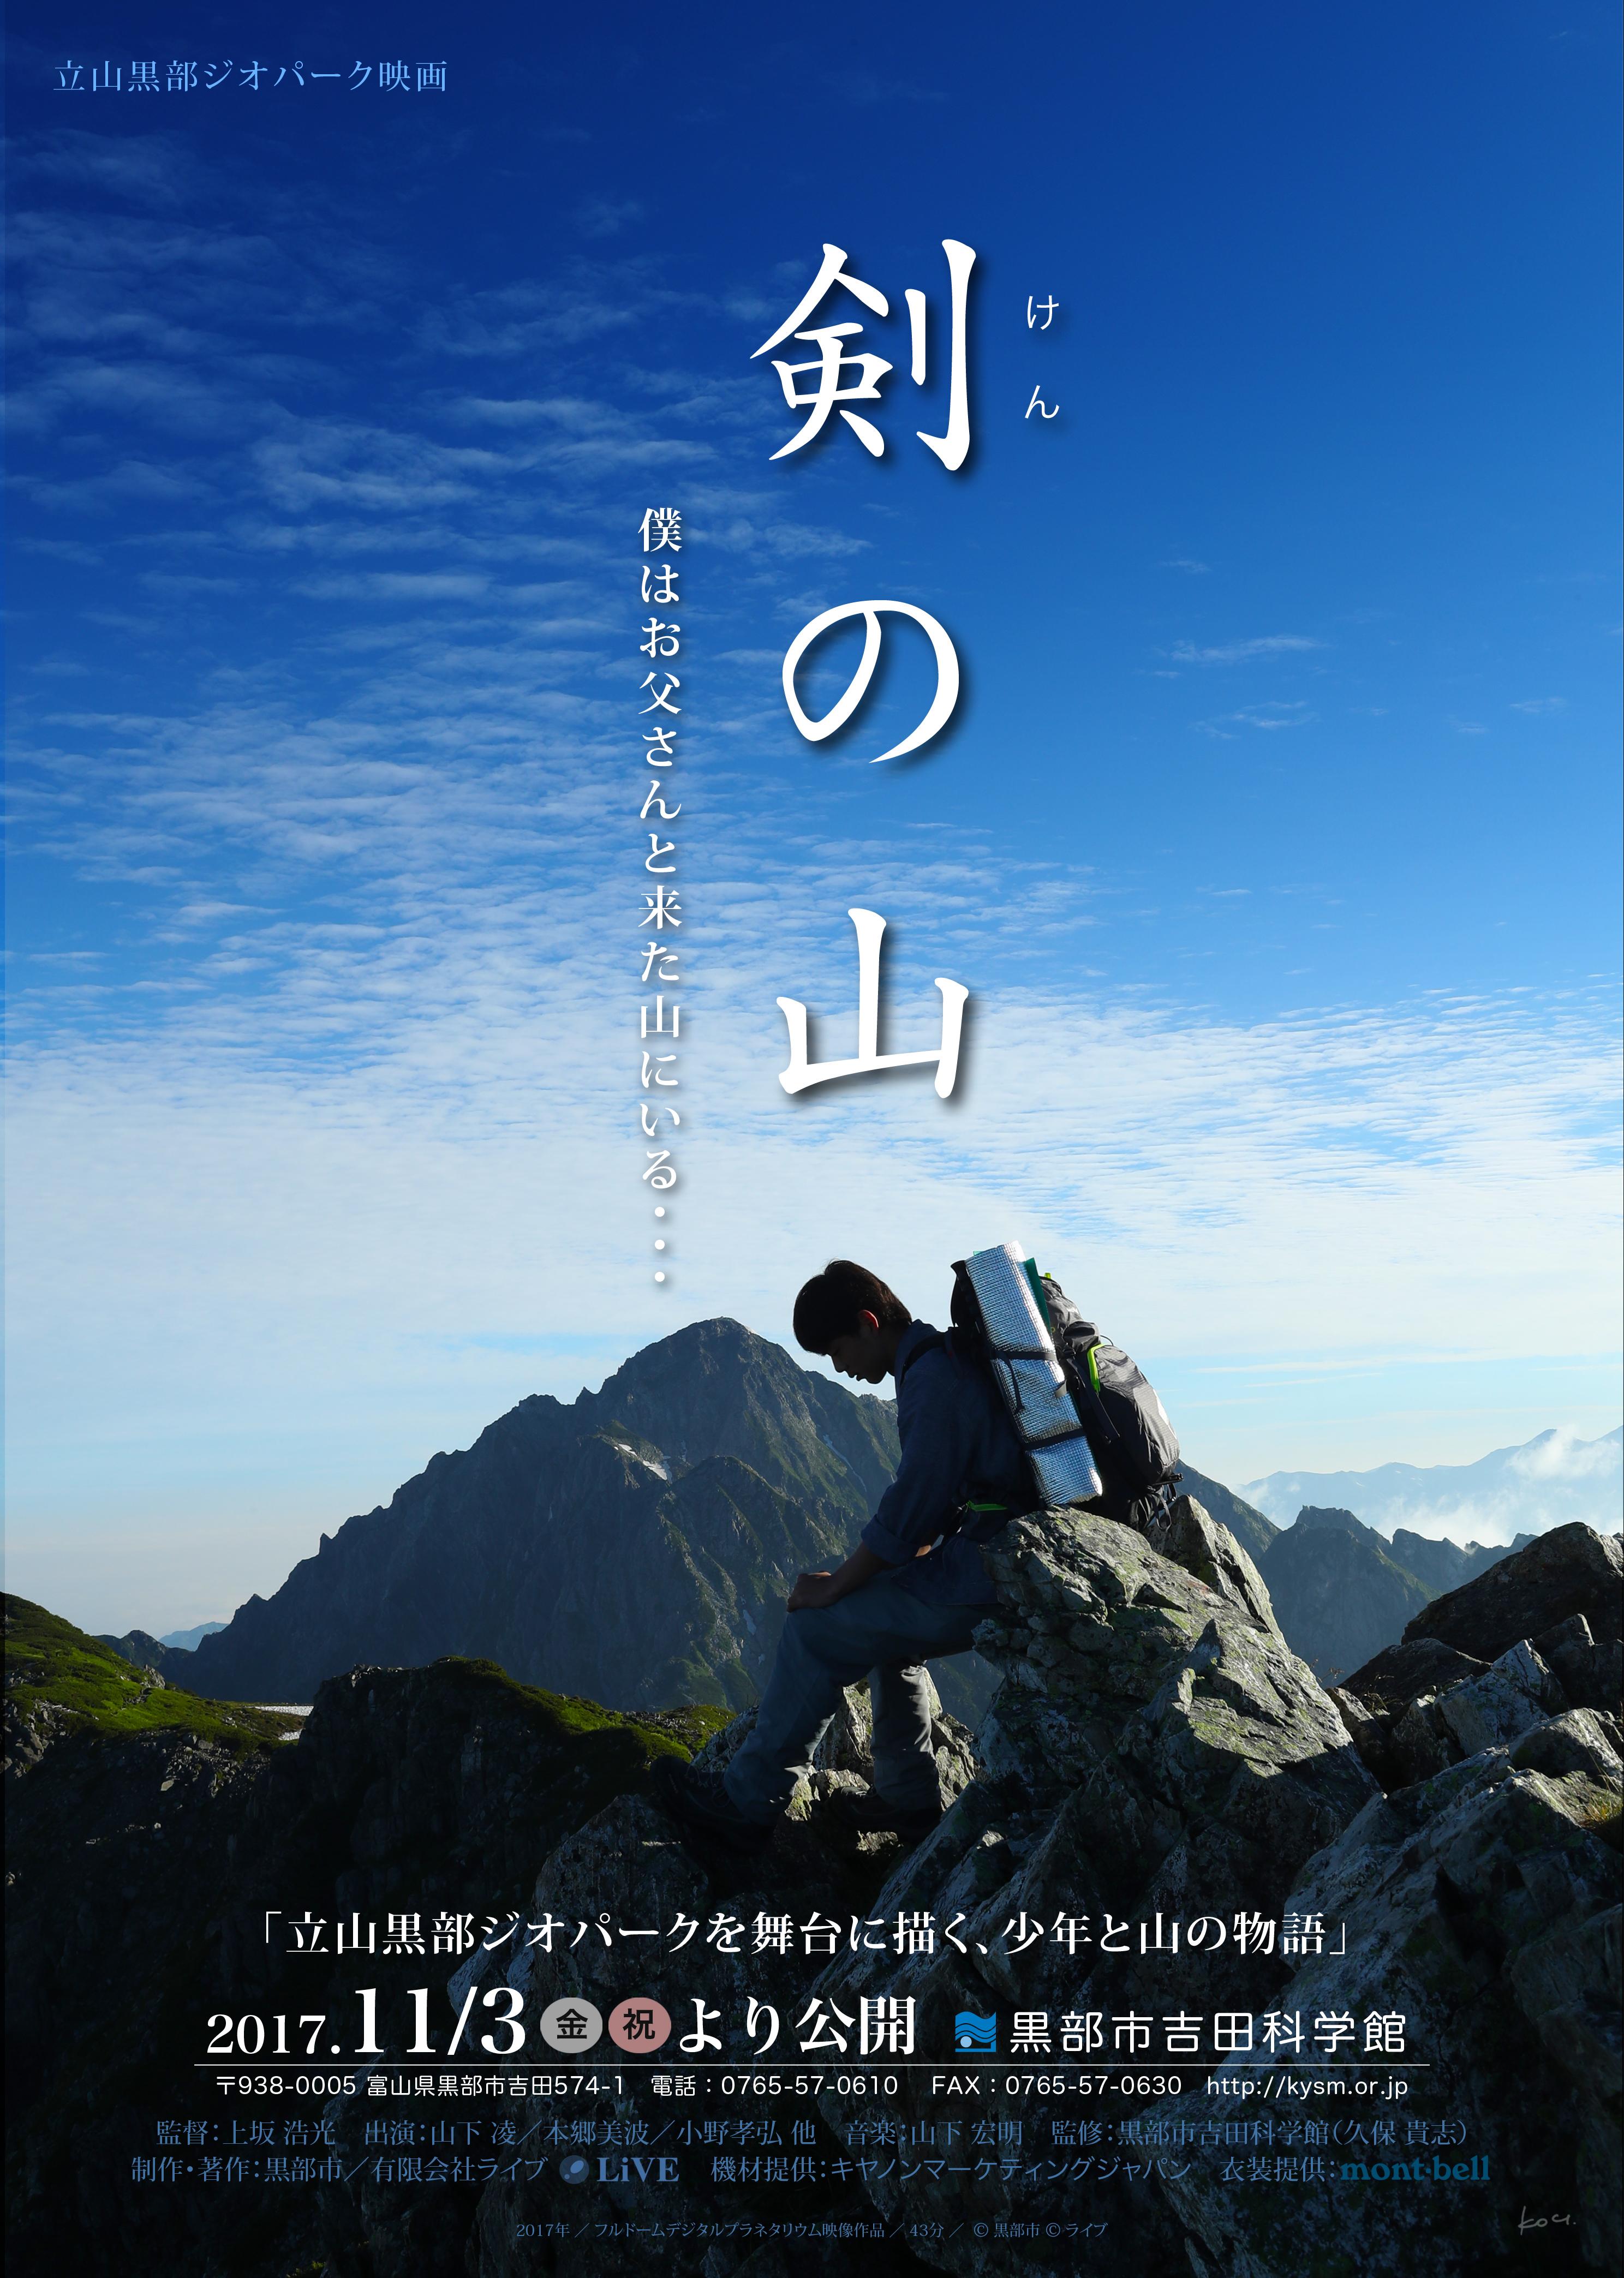 立山黒部ジオパーク映画「剣(けん)の山」